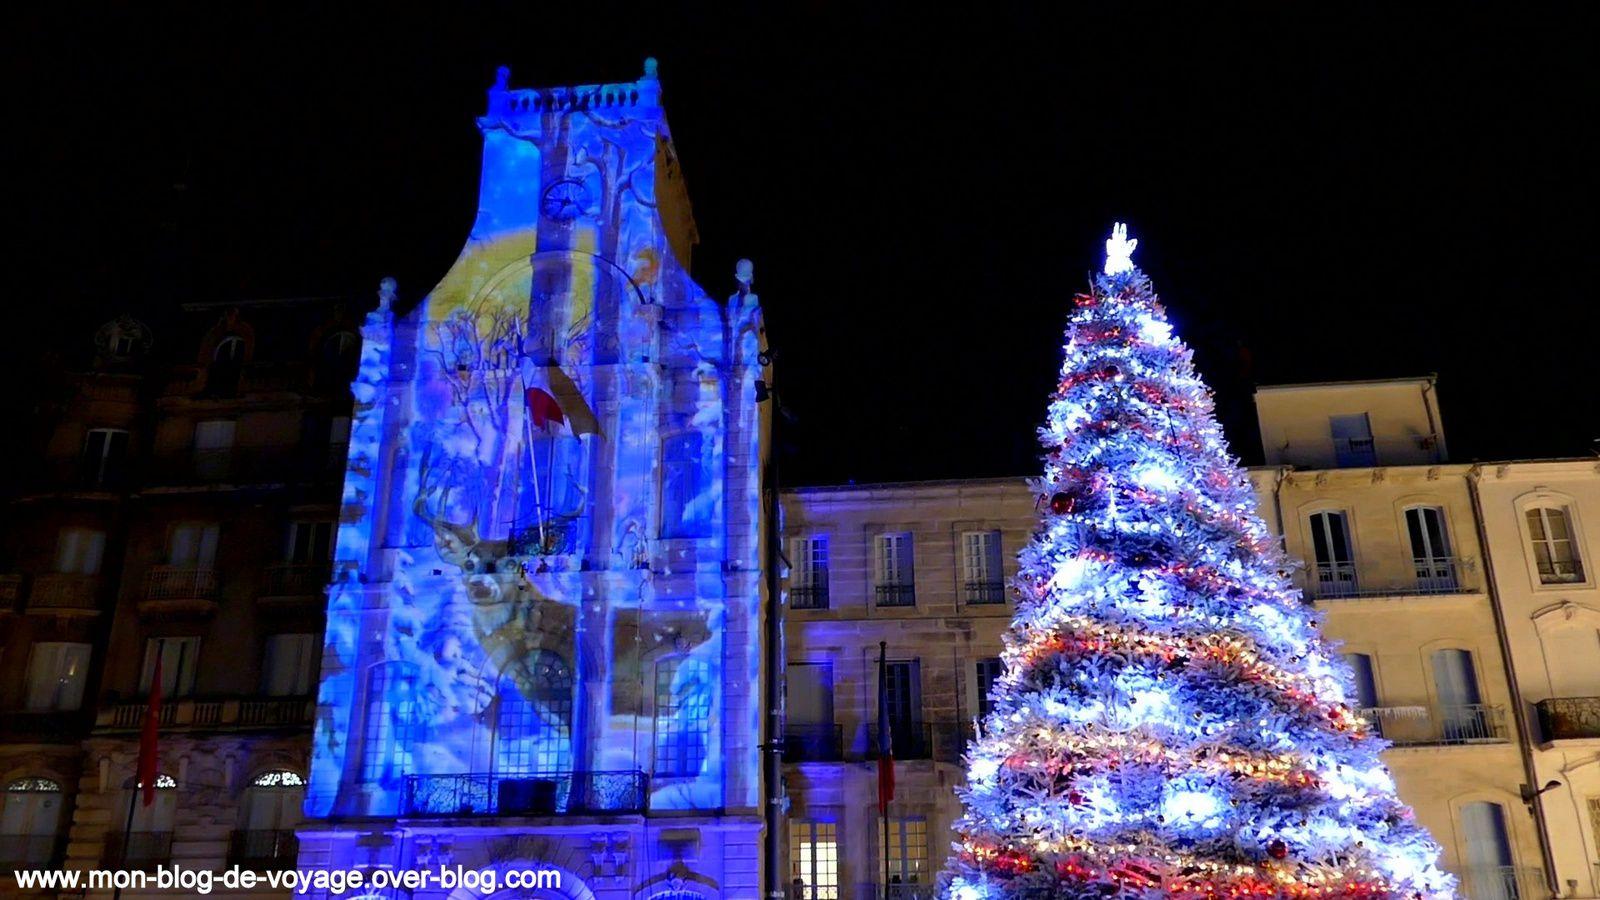 D'un atelier d'artiste à un paysage d'inspiration provençale pour finir par un Noël blanc (décembre 2019, images personnelles)